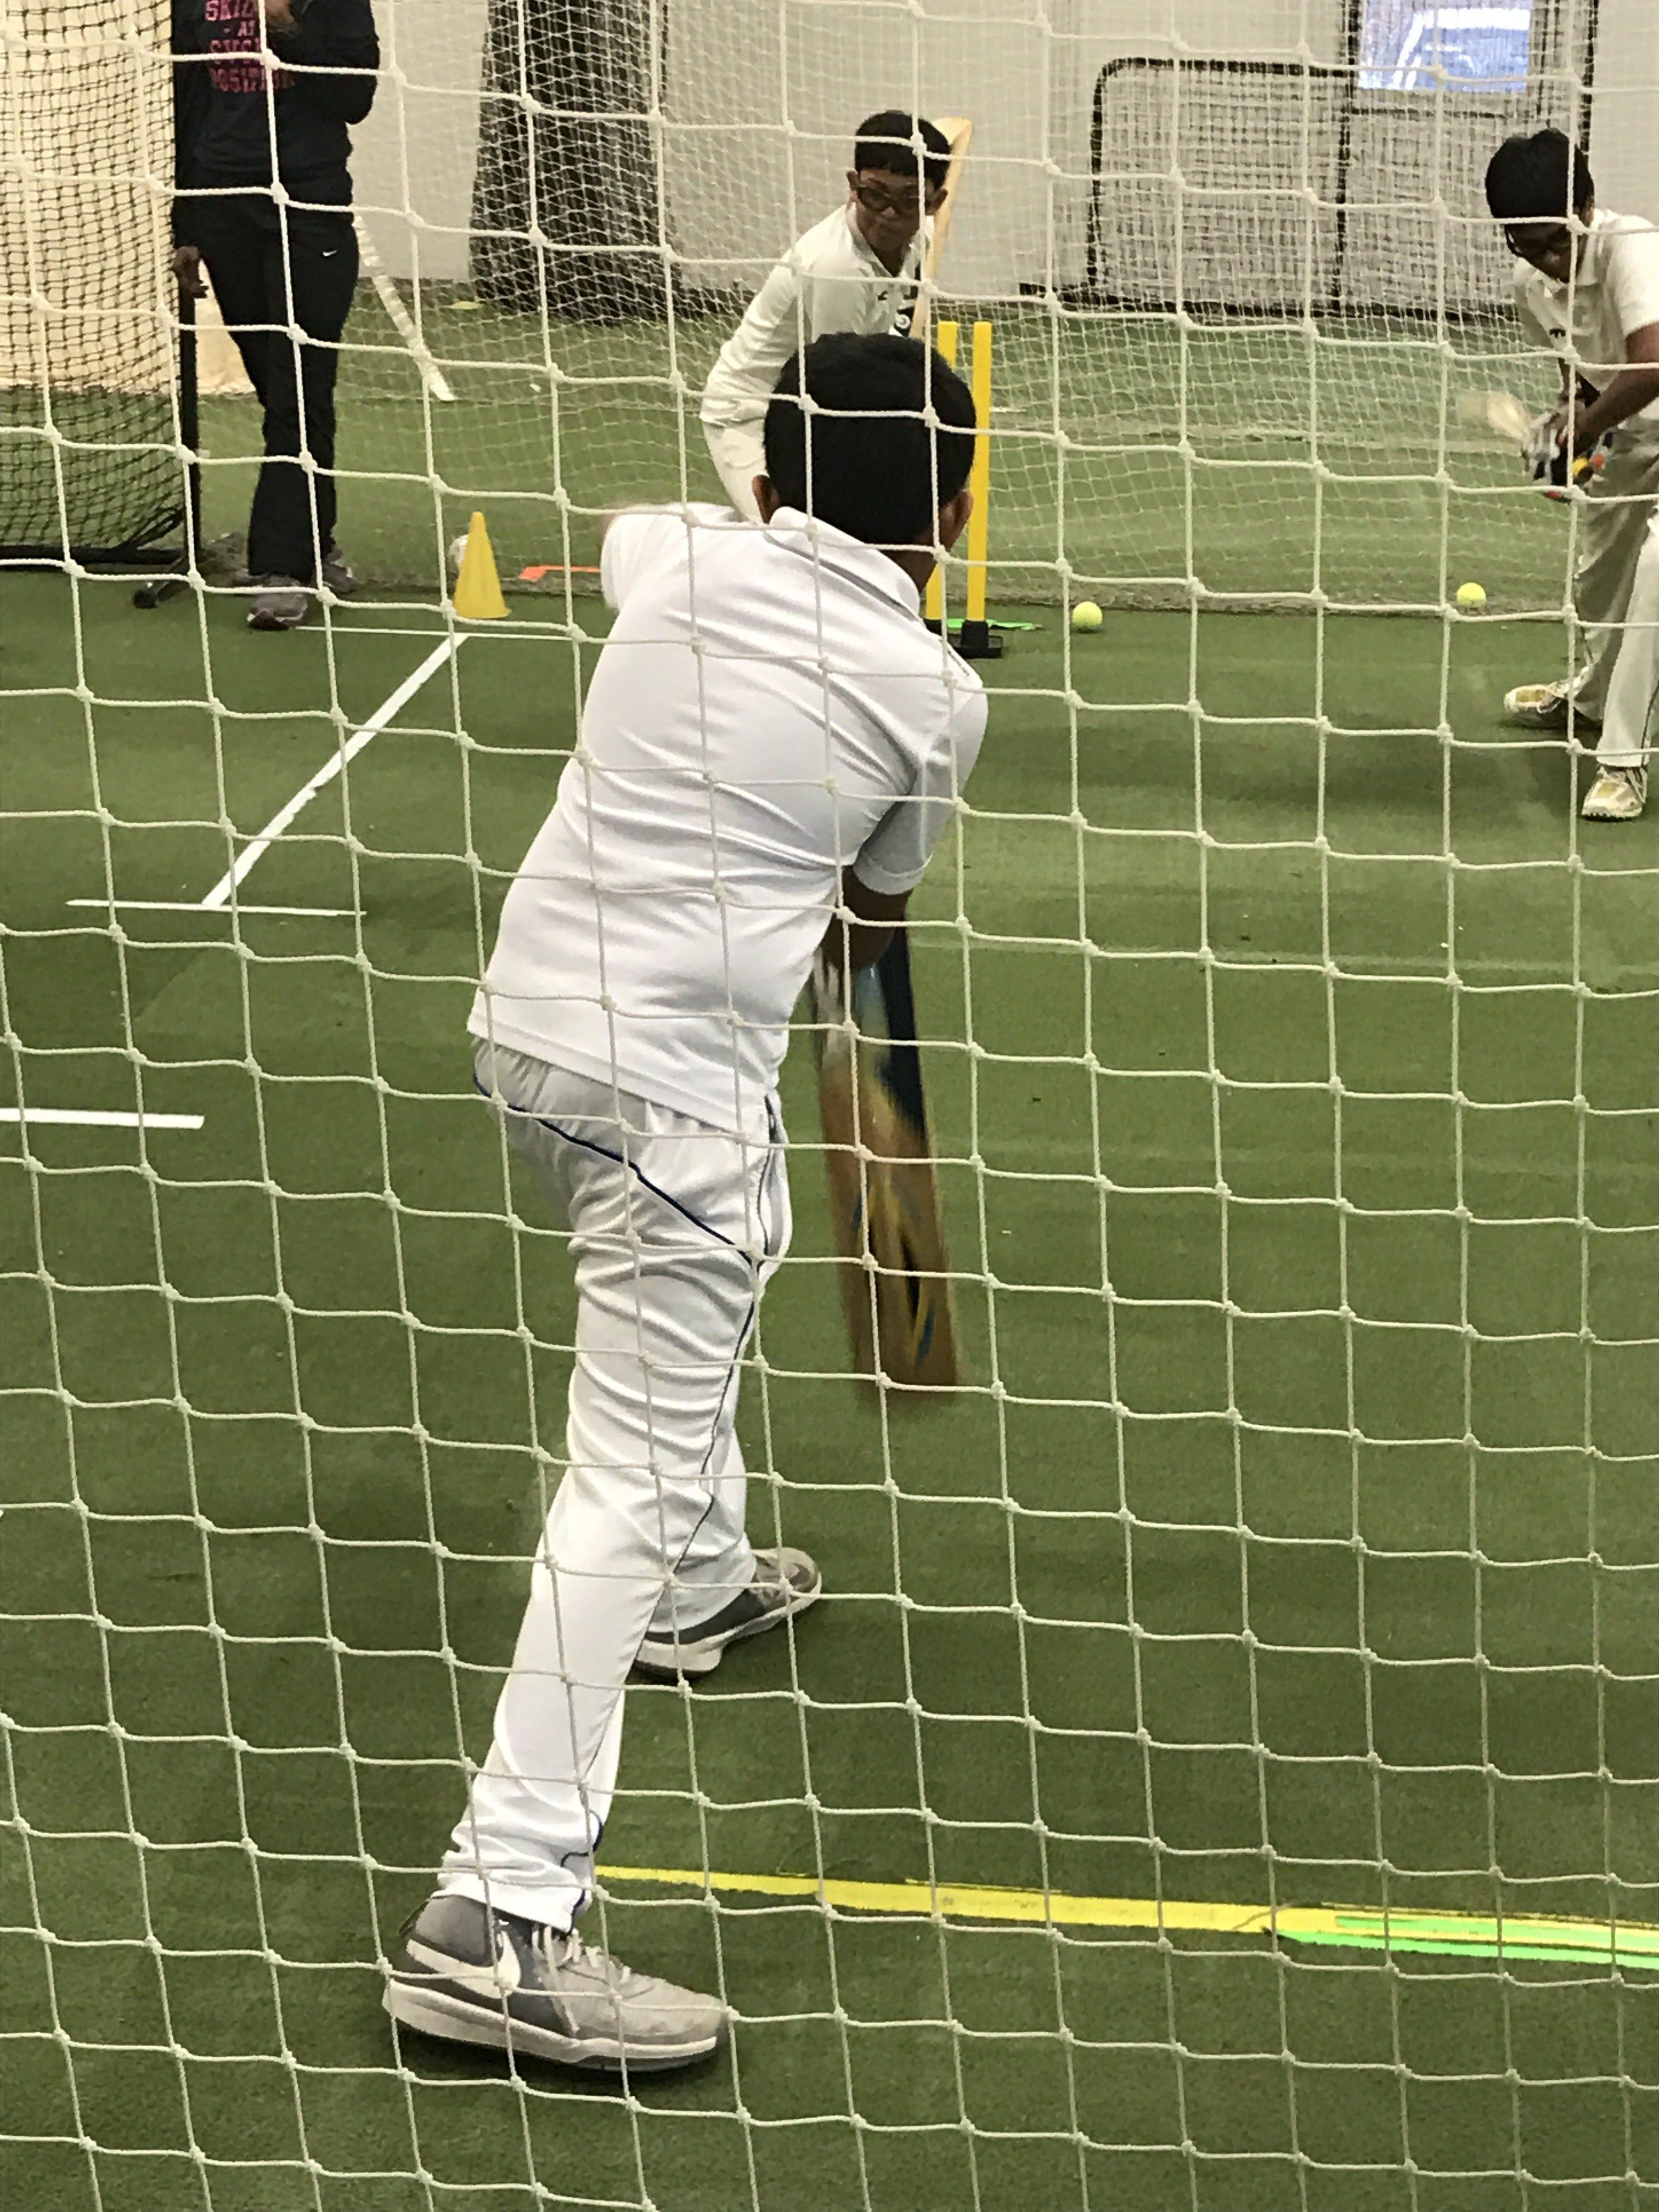 Net practice